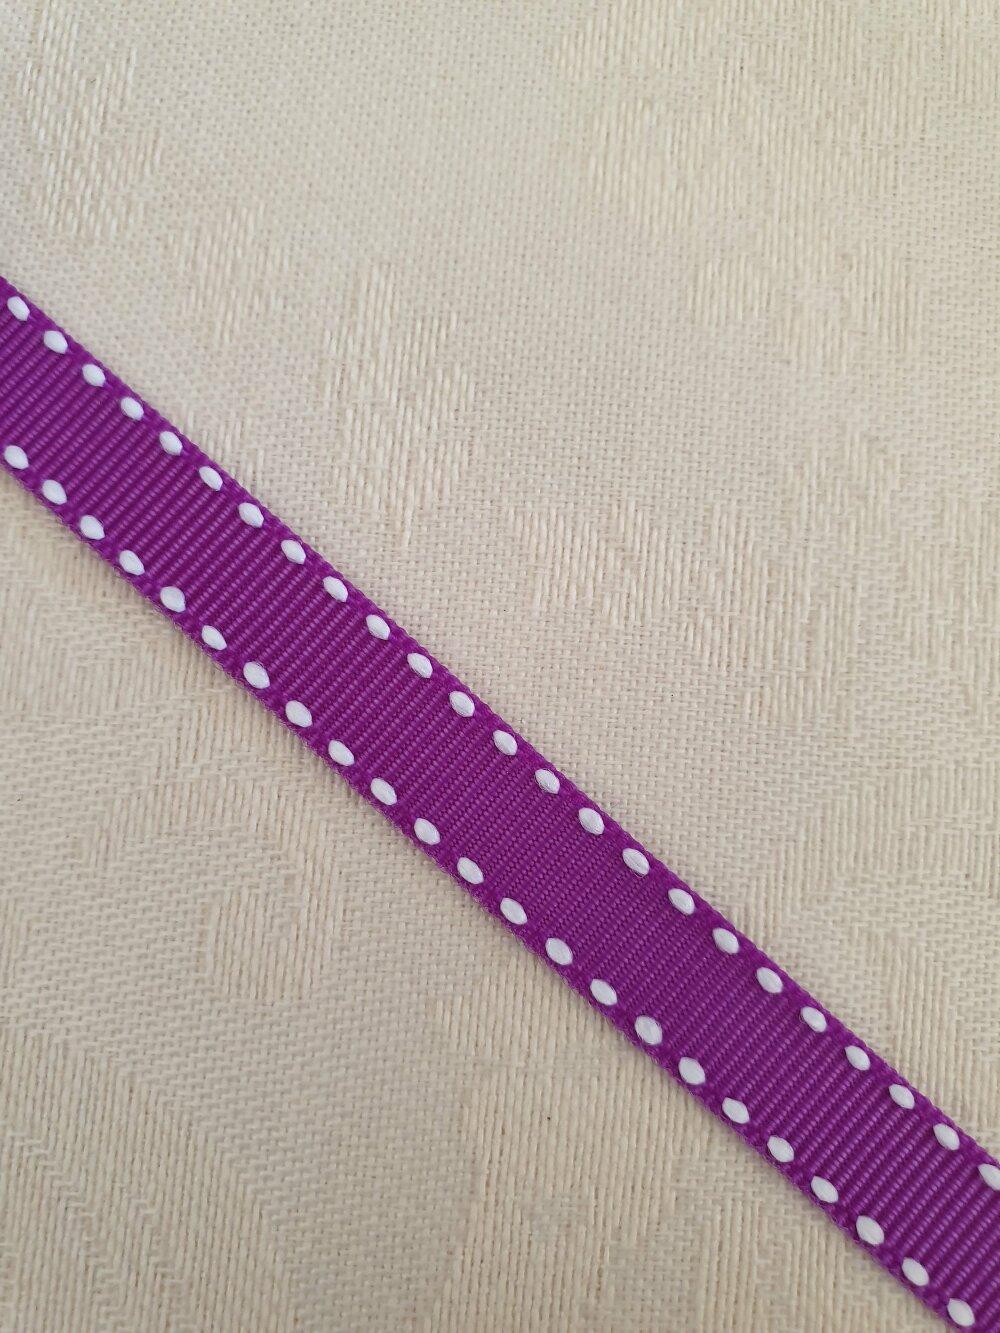 Ruban matière Nylon (84%) et Polyester, couleur violine